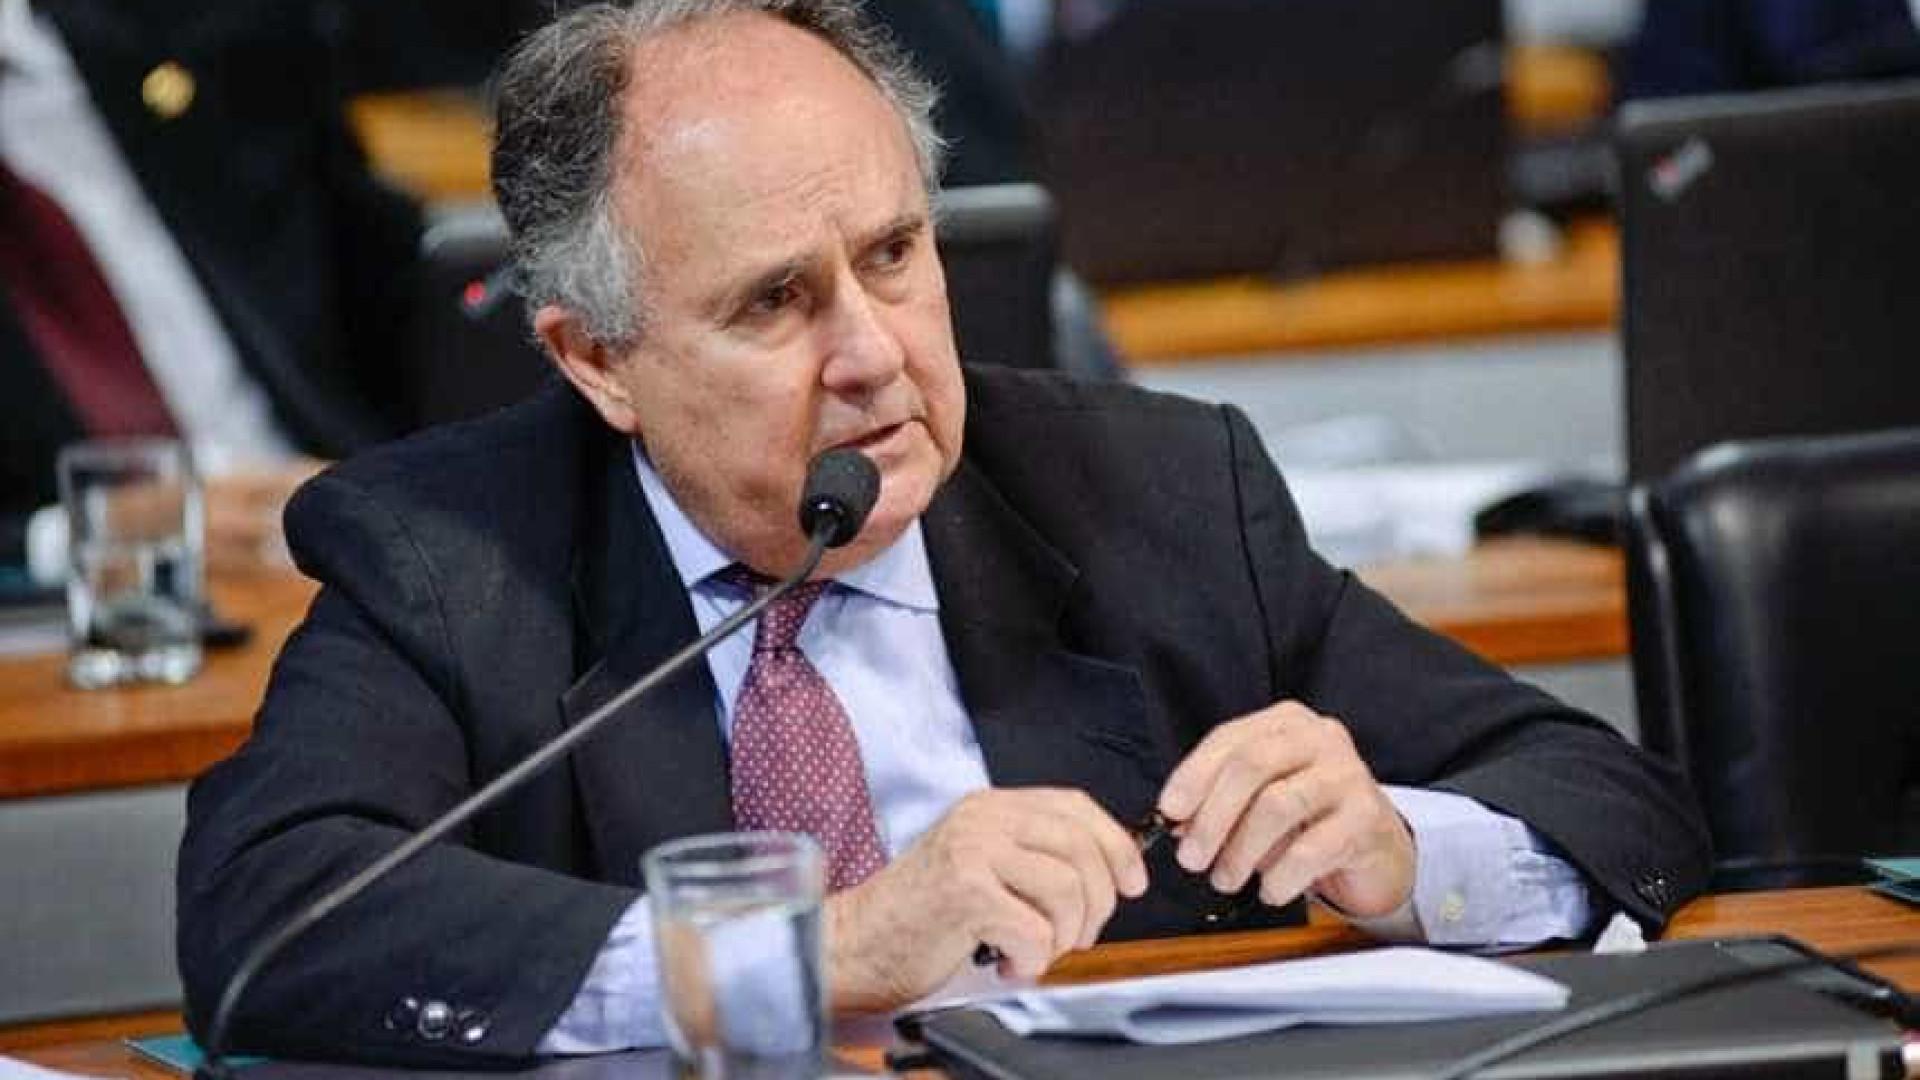 Cristovam Buarque declara voto em Haddad contra intolerância